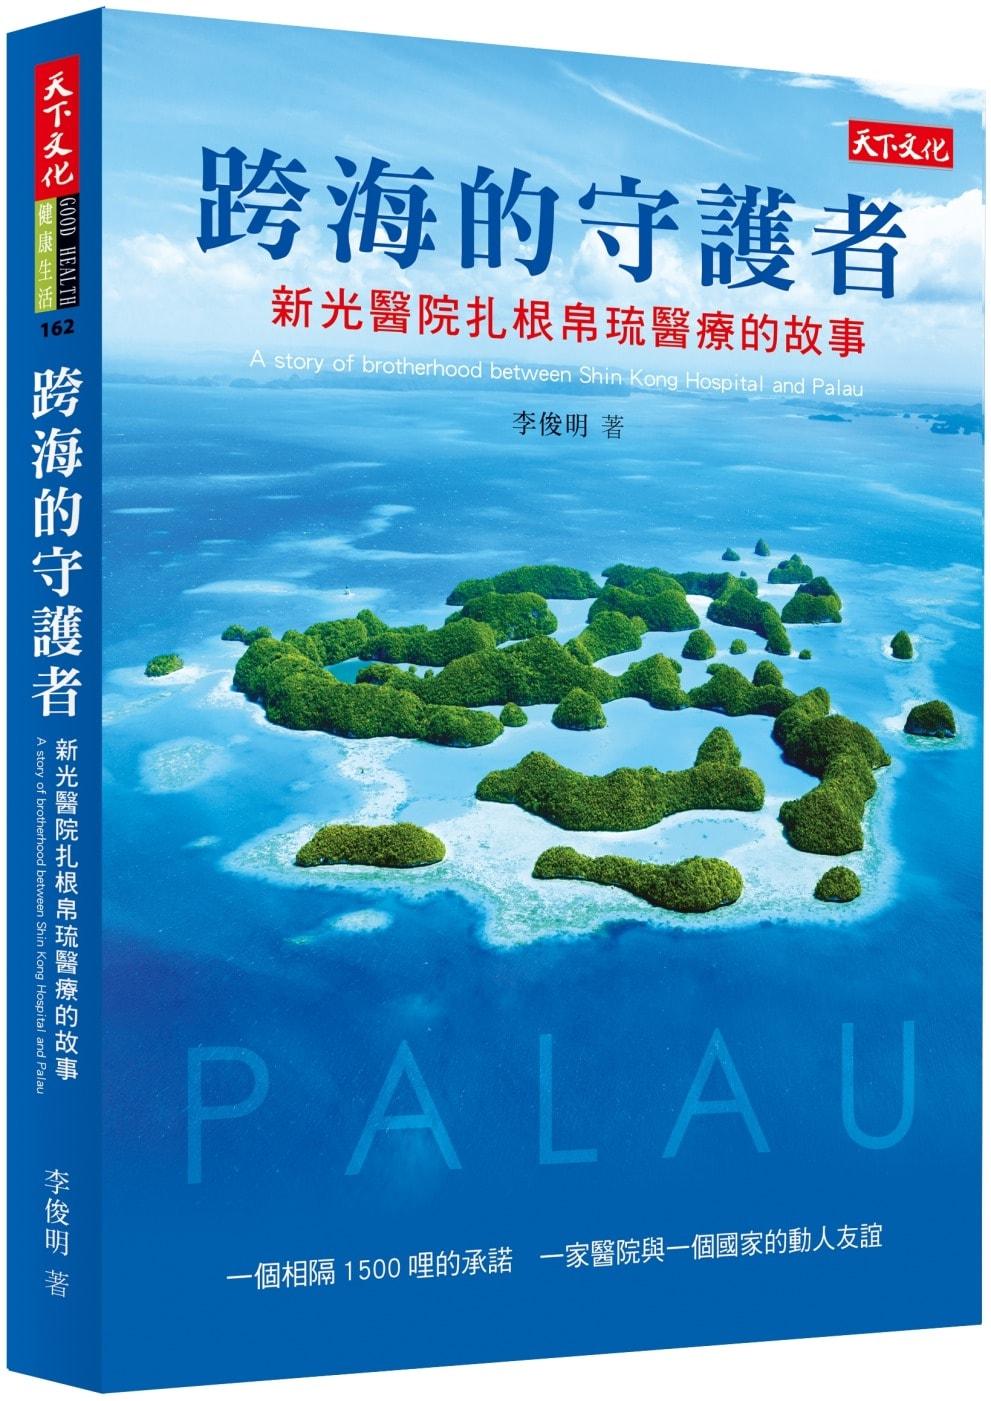 跨海的守护者:新光医院扎根帕劳医疗的故事